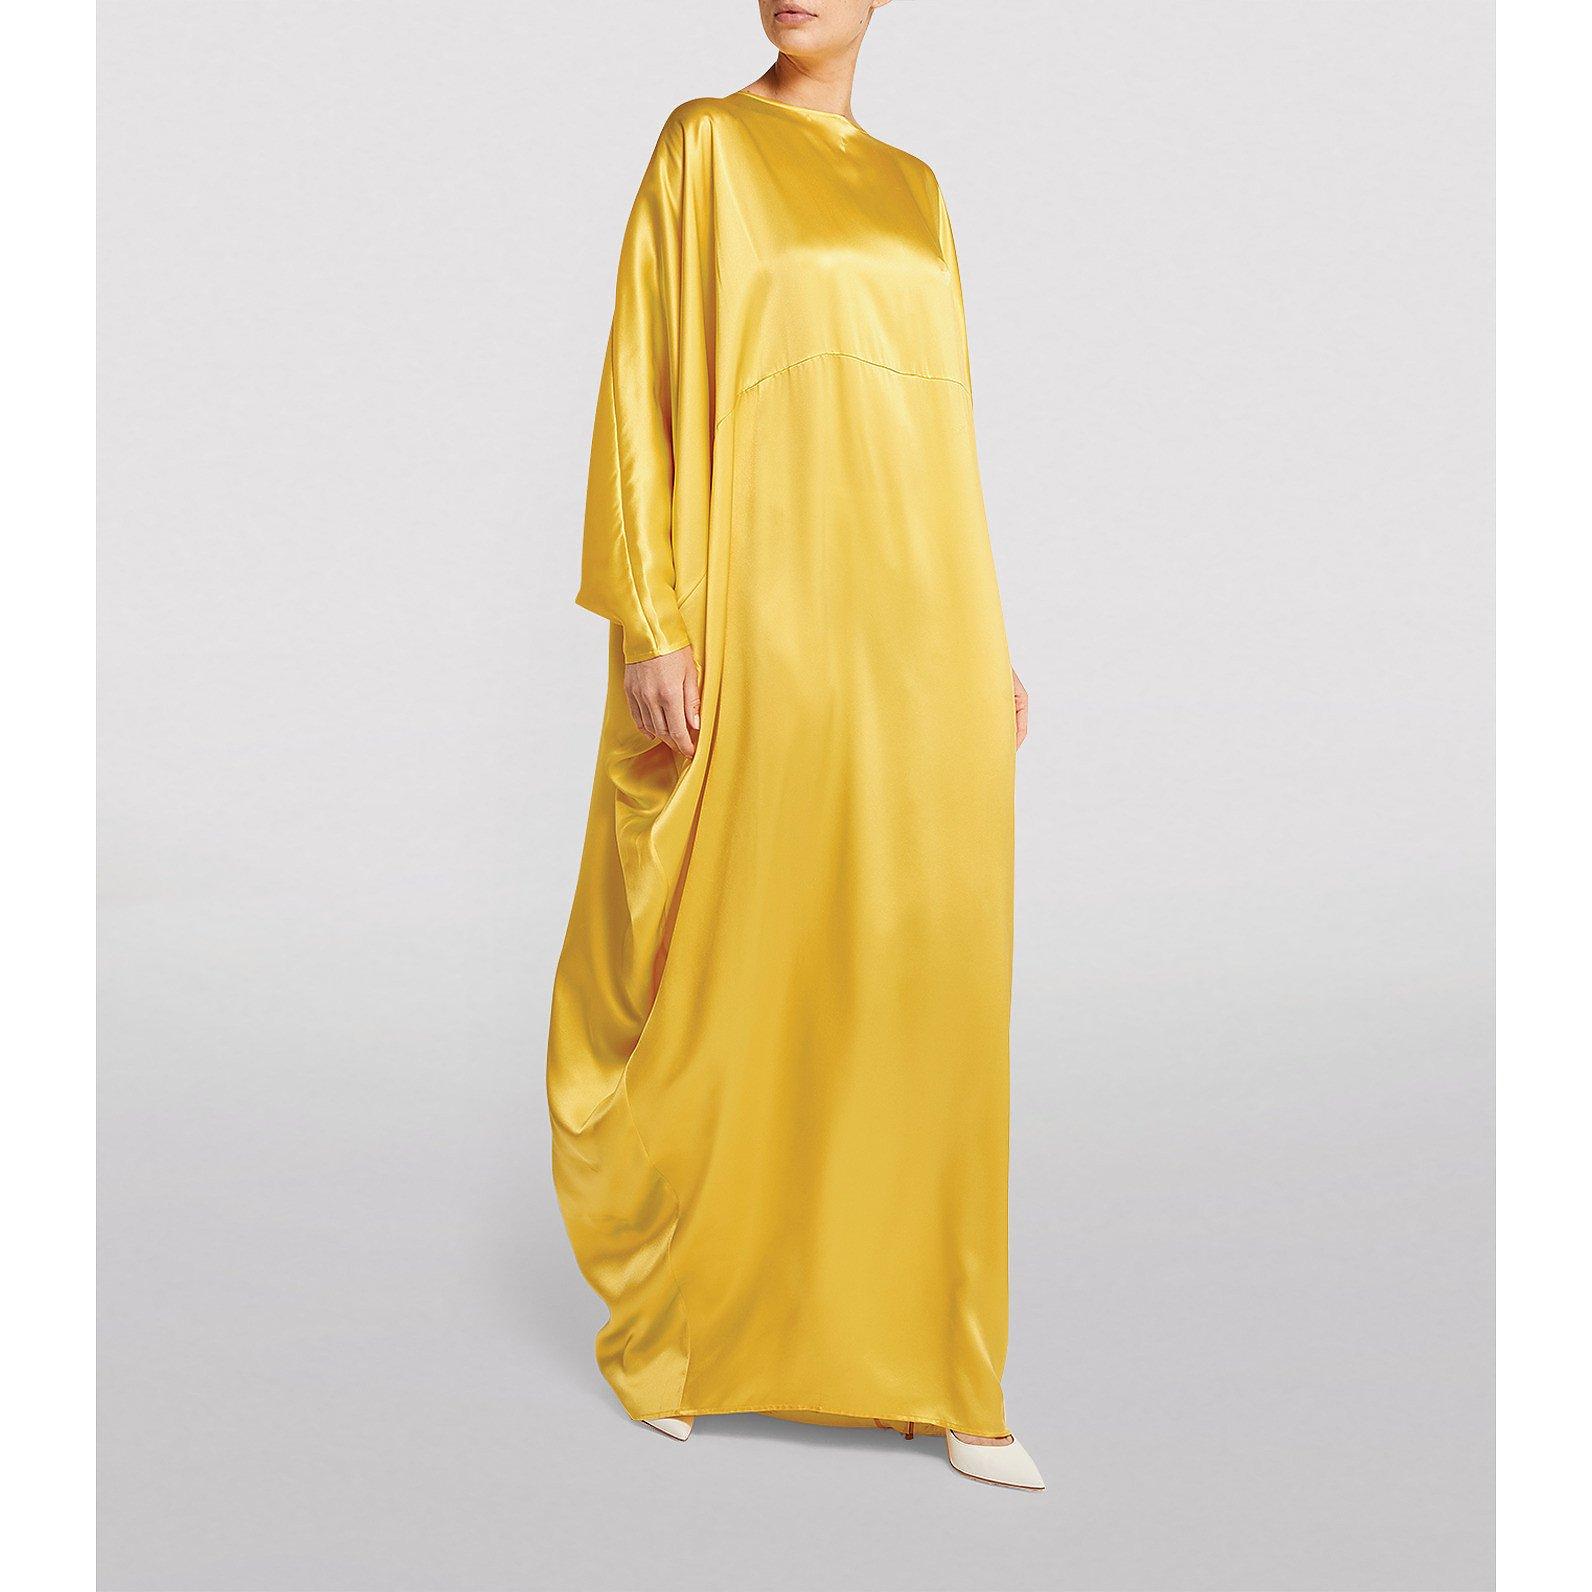 Bernadette Gio Asymmetric Silk Dress